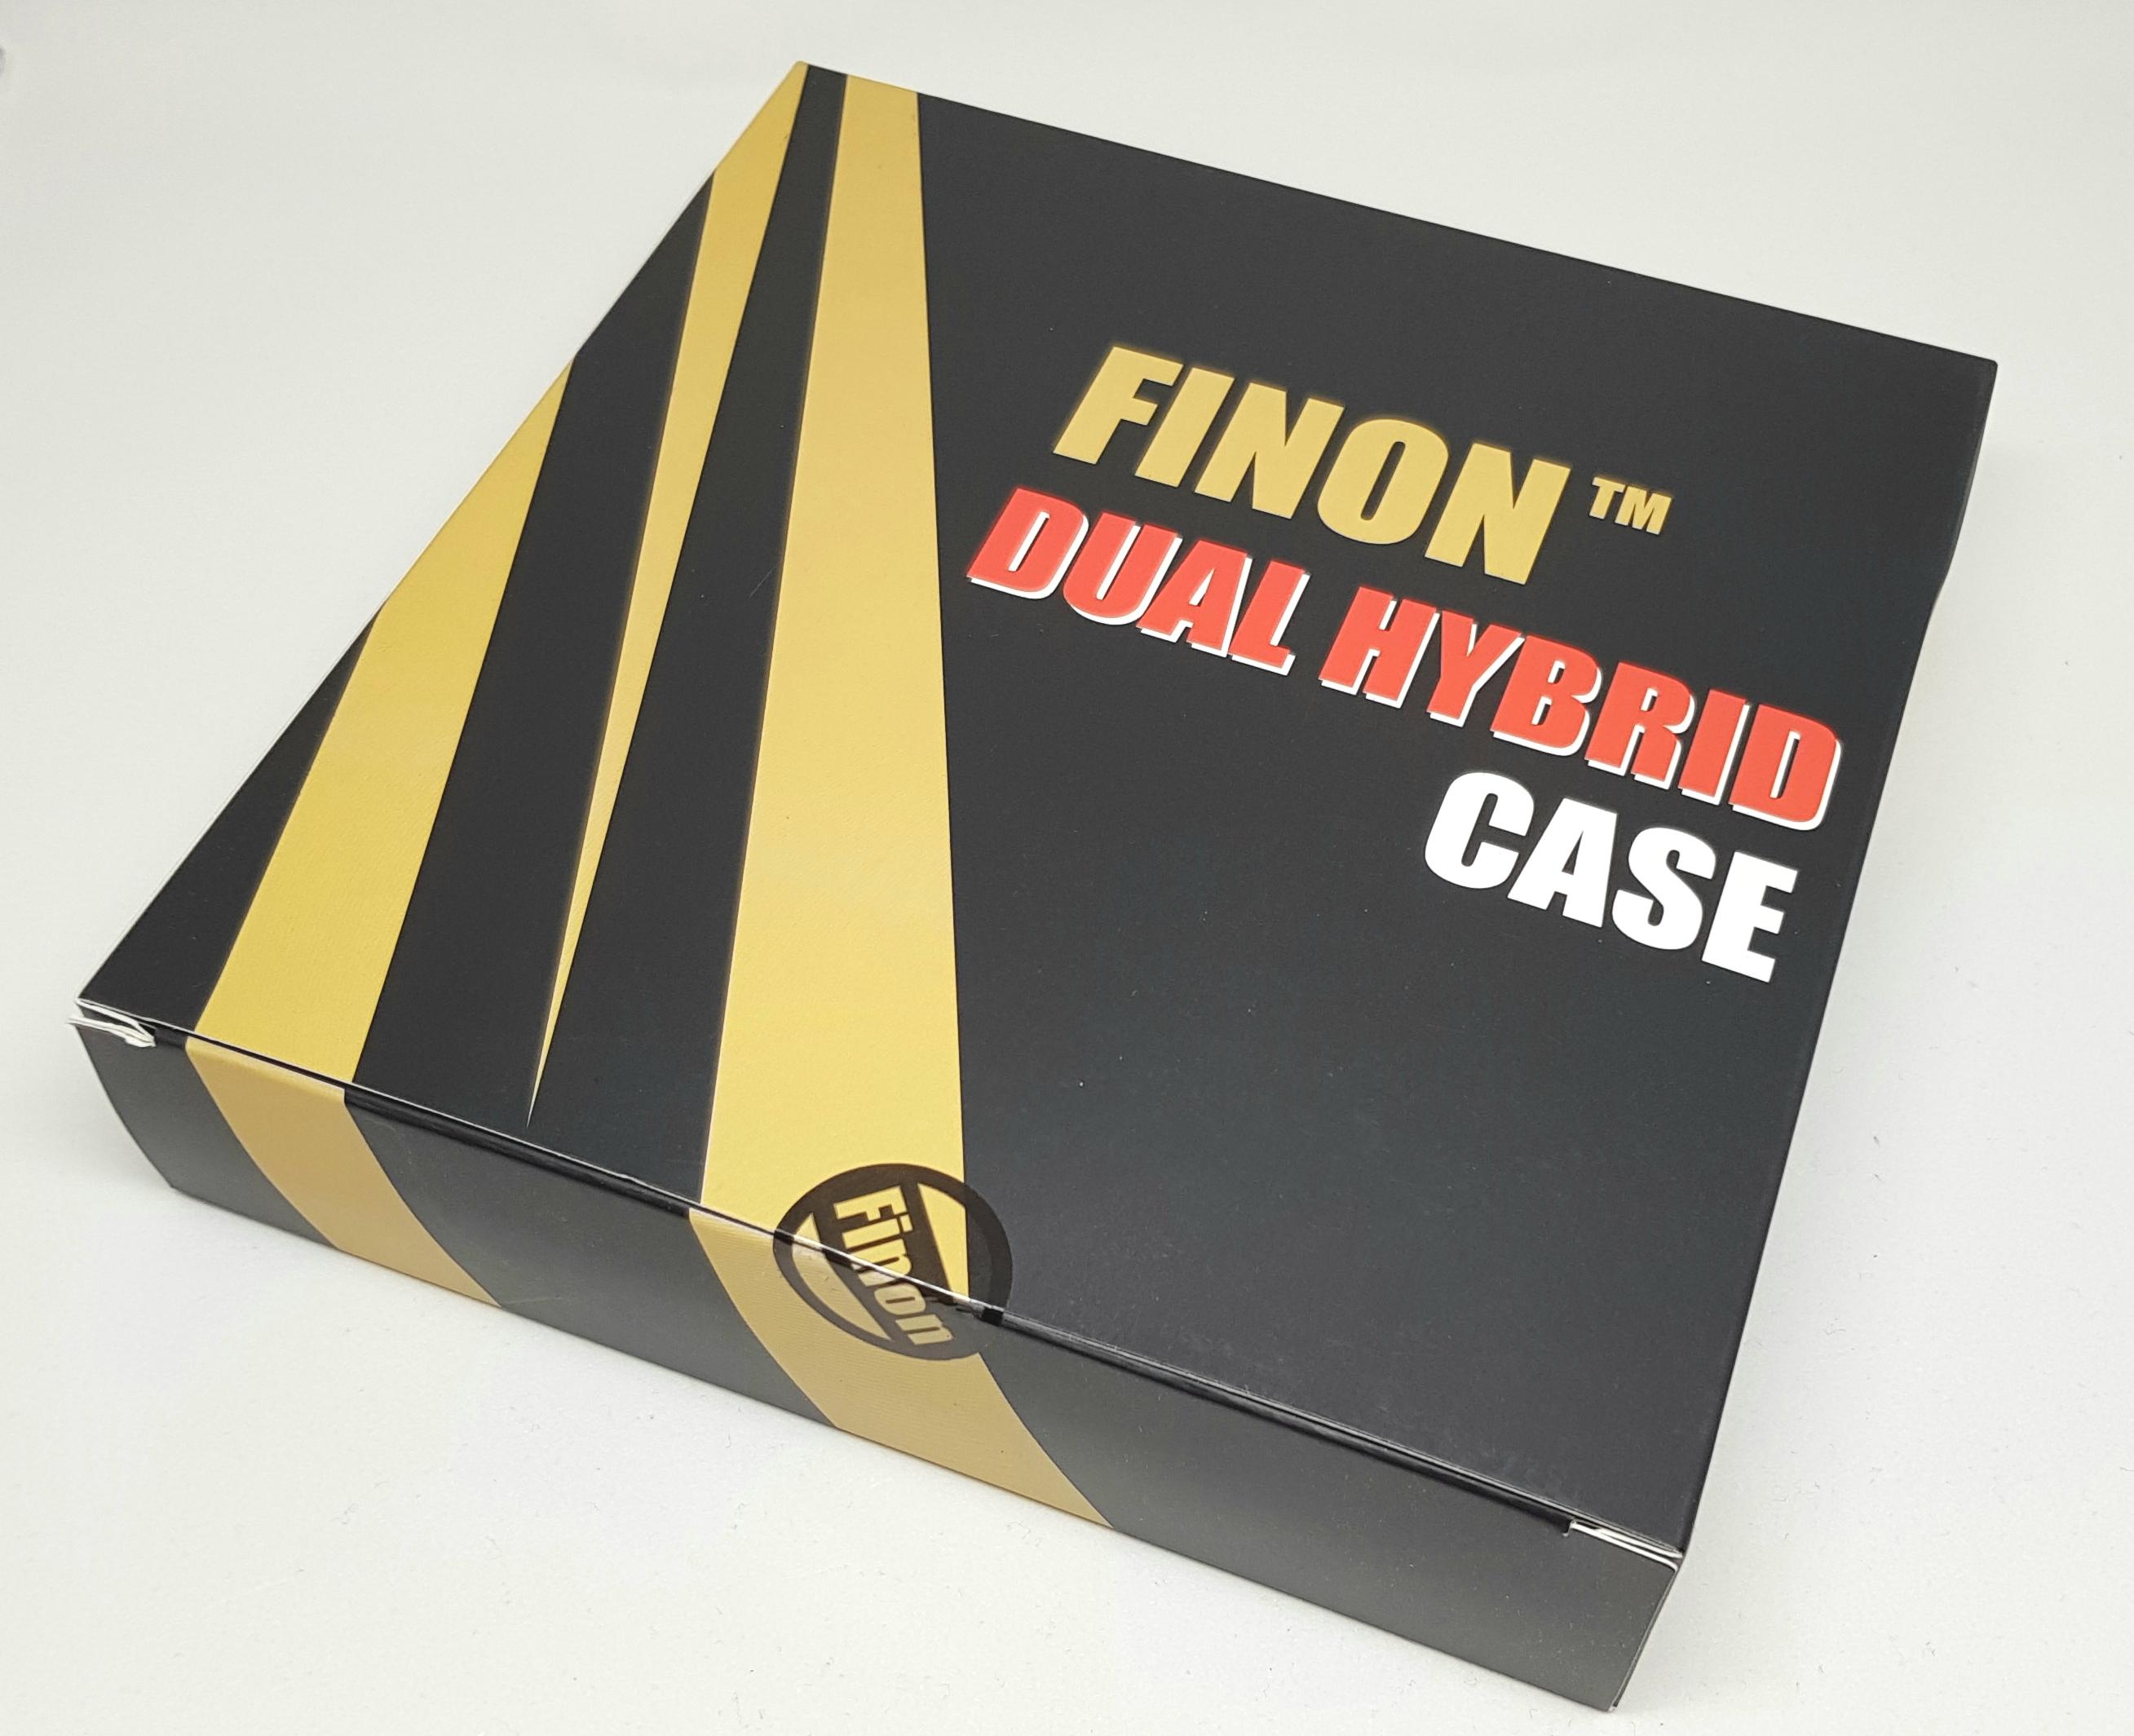 衝撃に強く3WAYで使える万能ケース「FINON/フィノン デュアルハイブリッドケース」をレビュー!